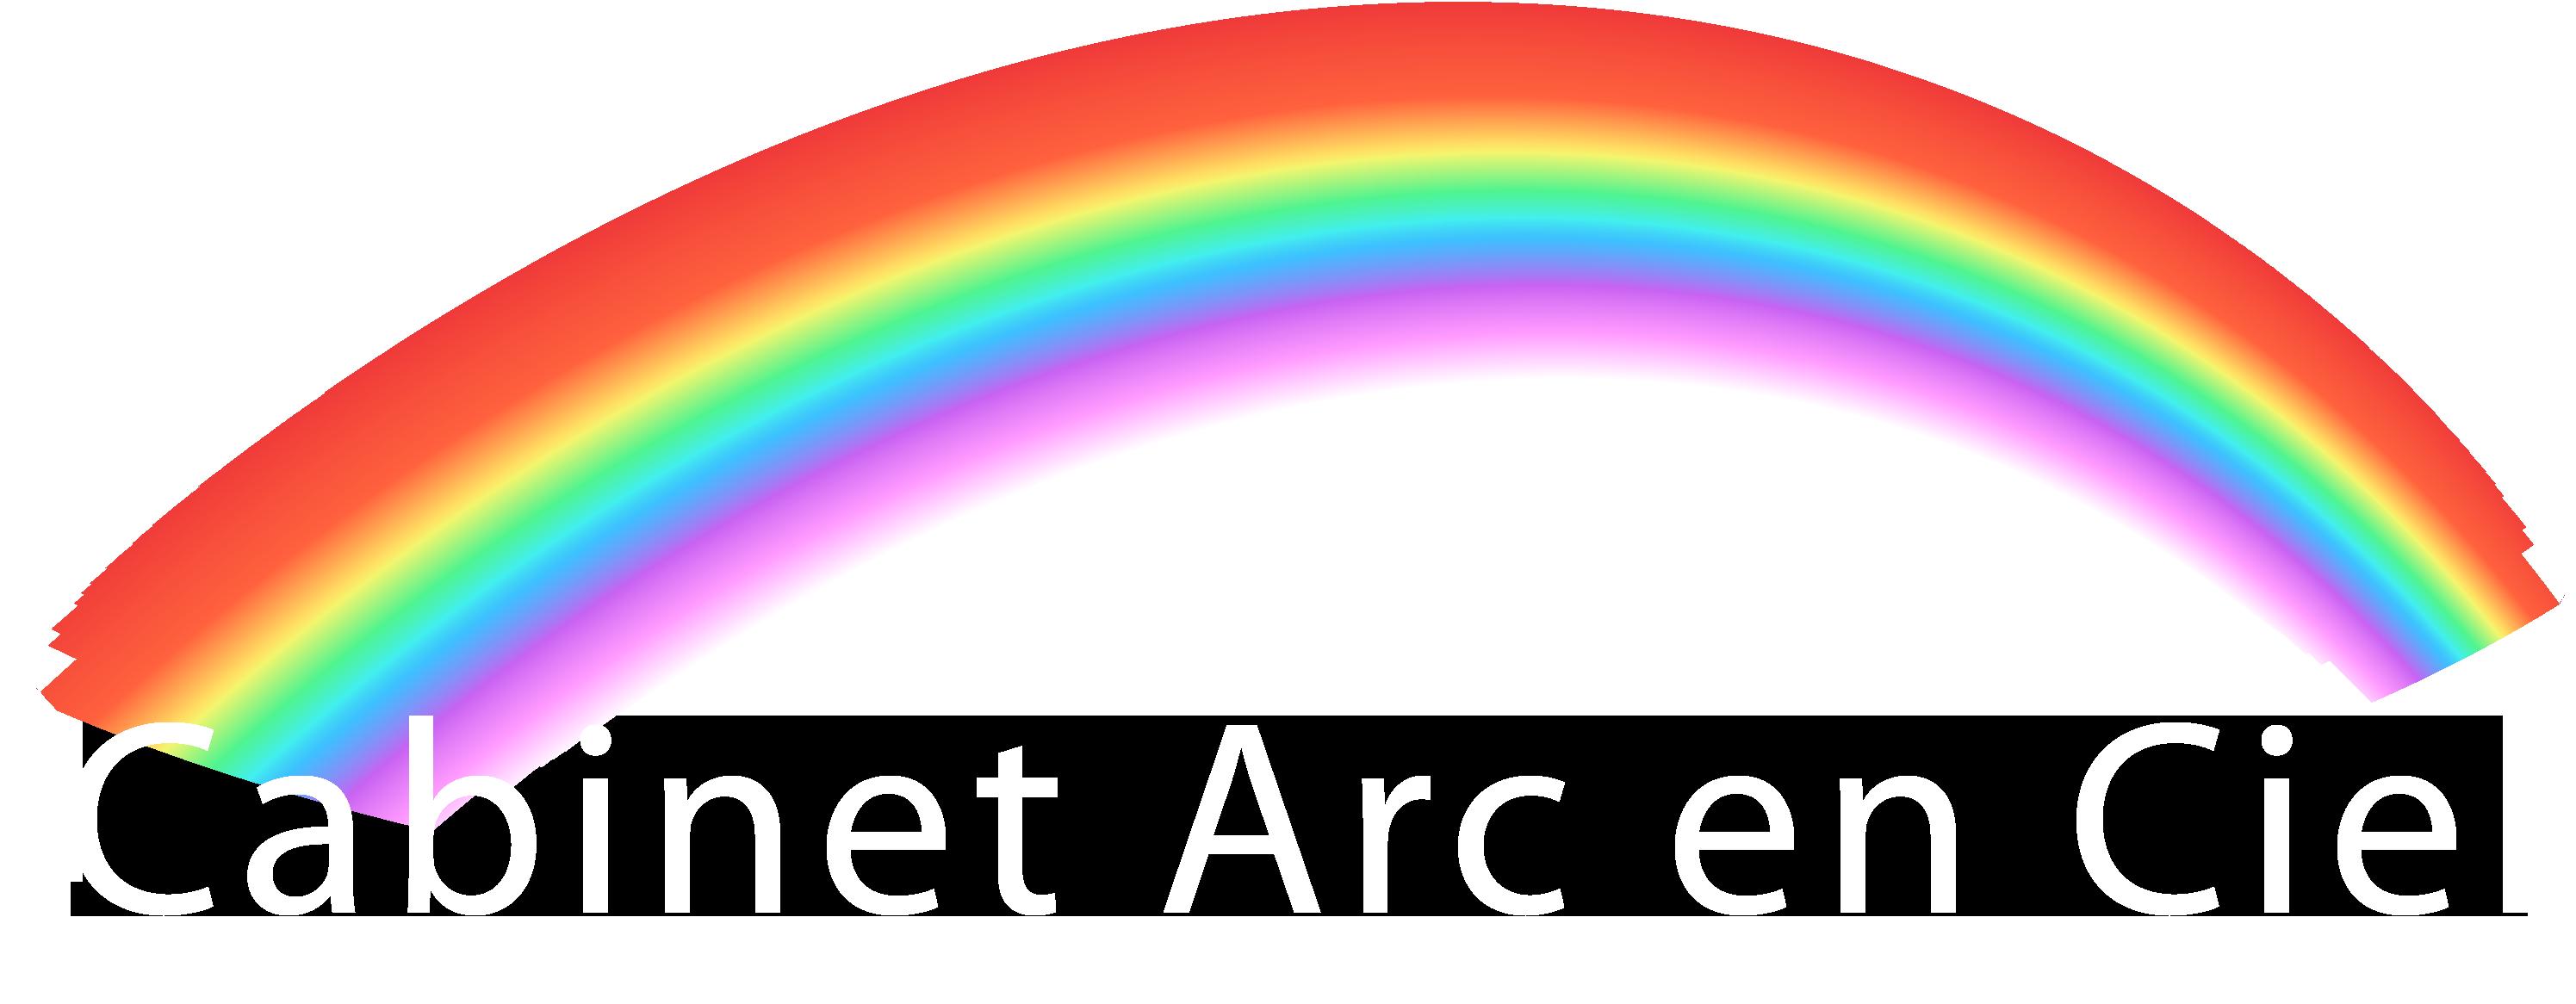 Cabinet Arc en Ciel